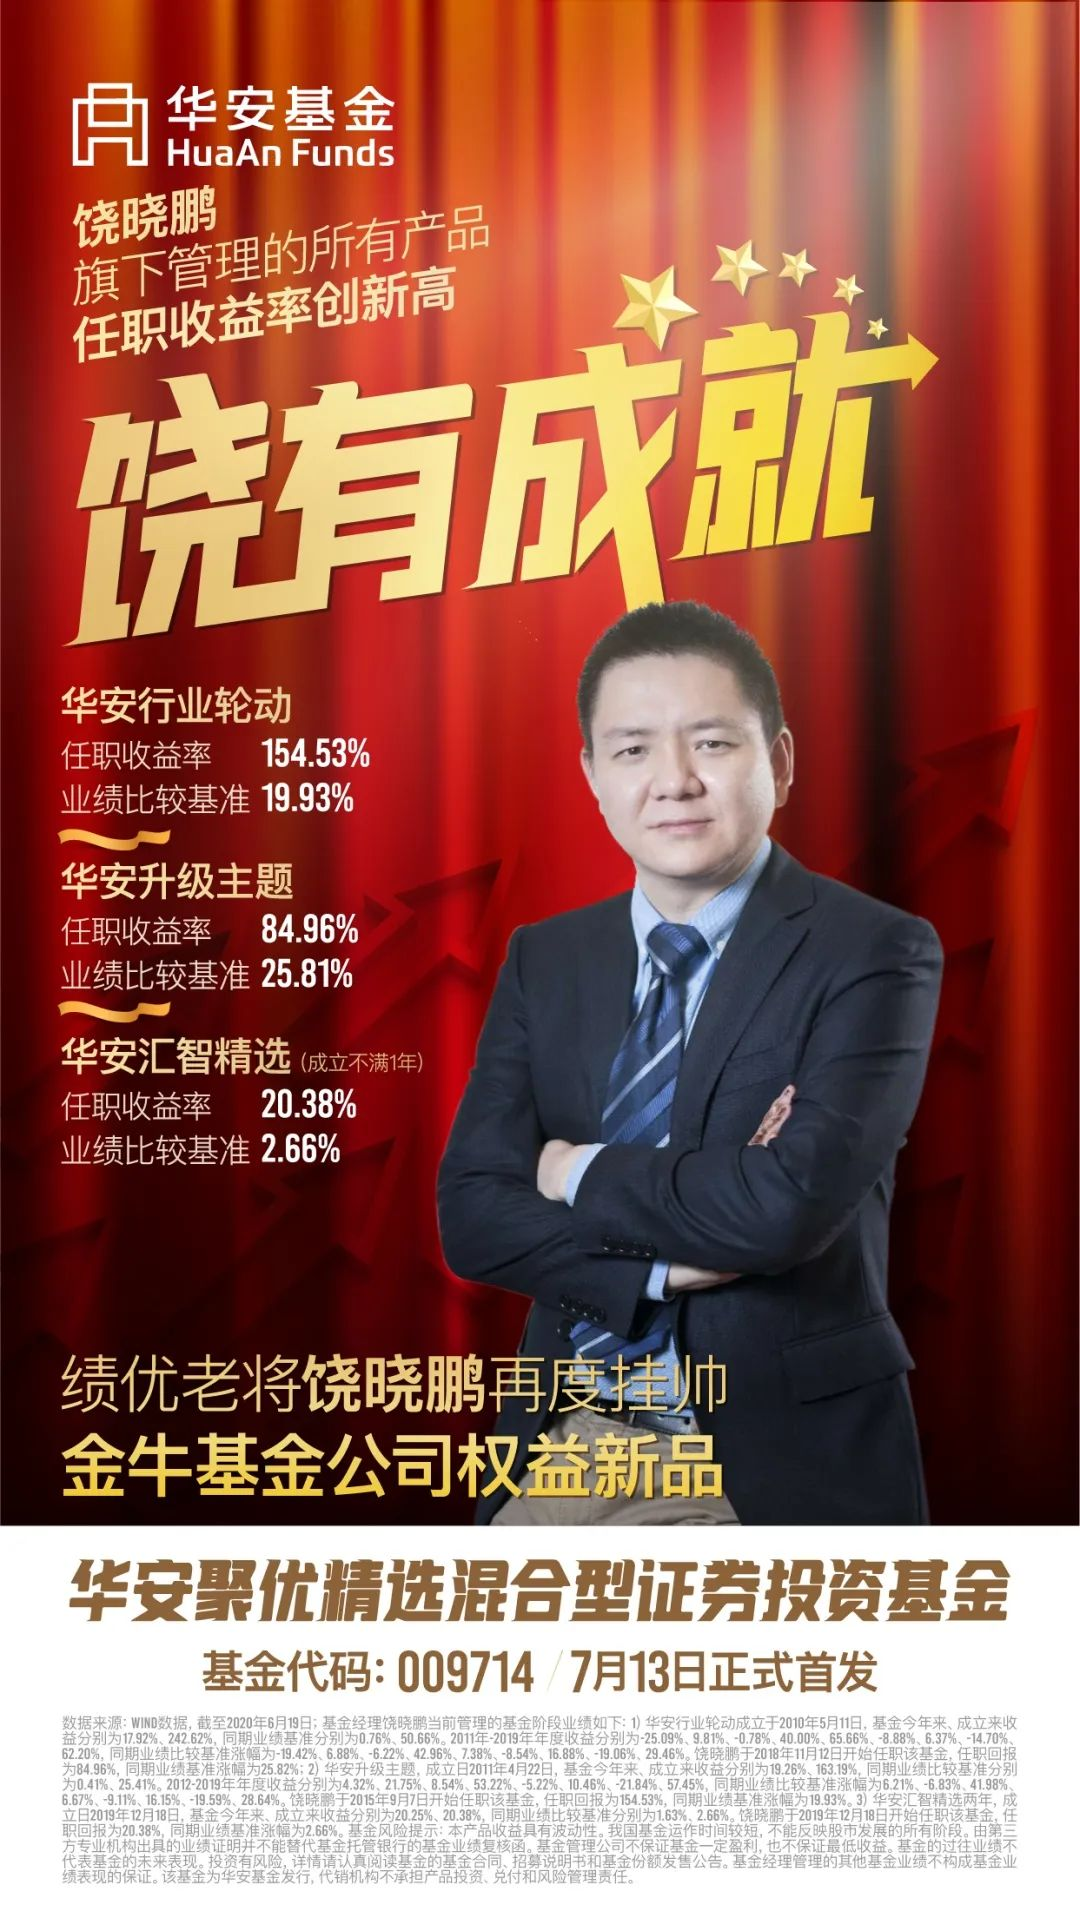 """相对于""""饶晓鹏""""这个名字,他管理的基金曝光率会高一些"""